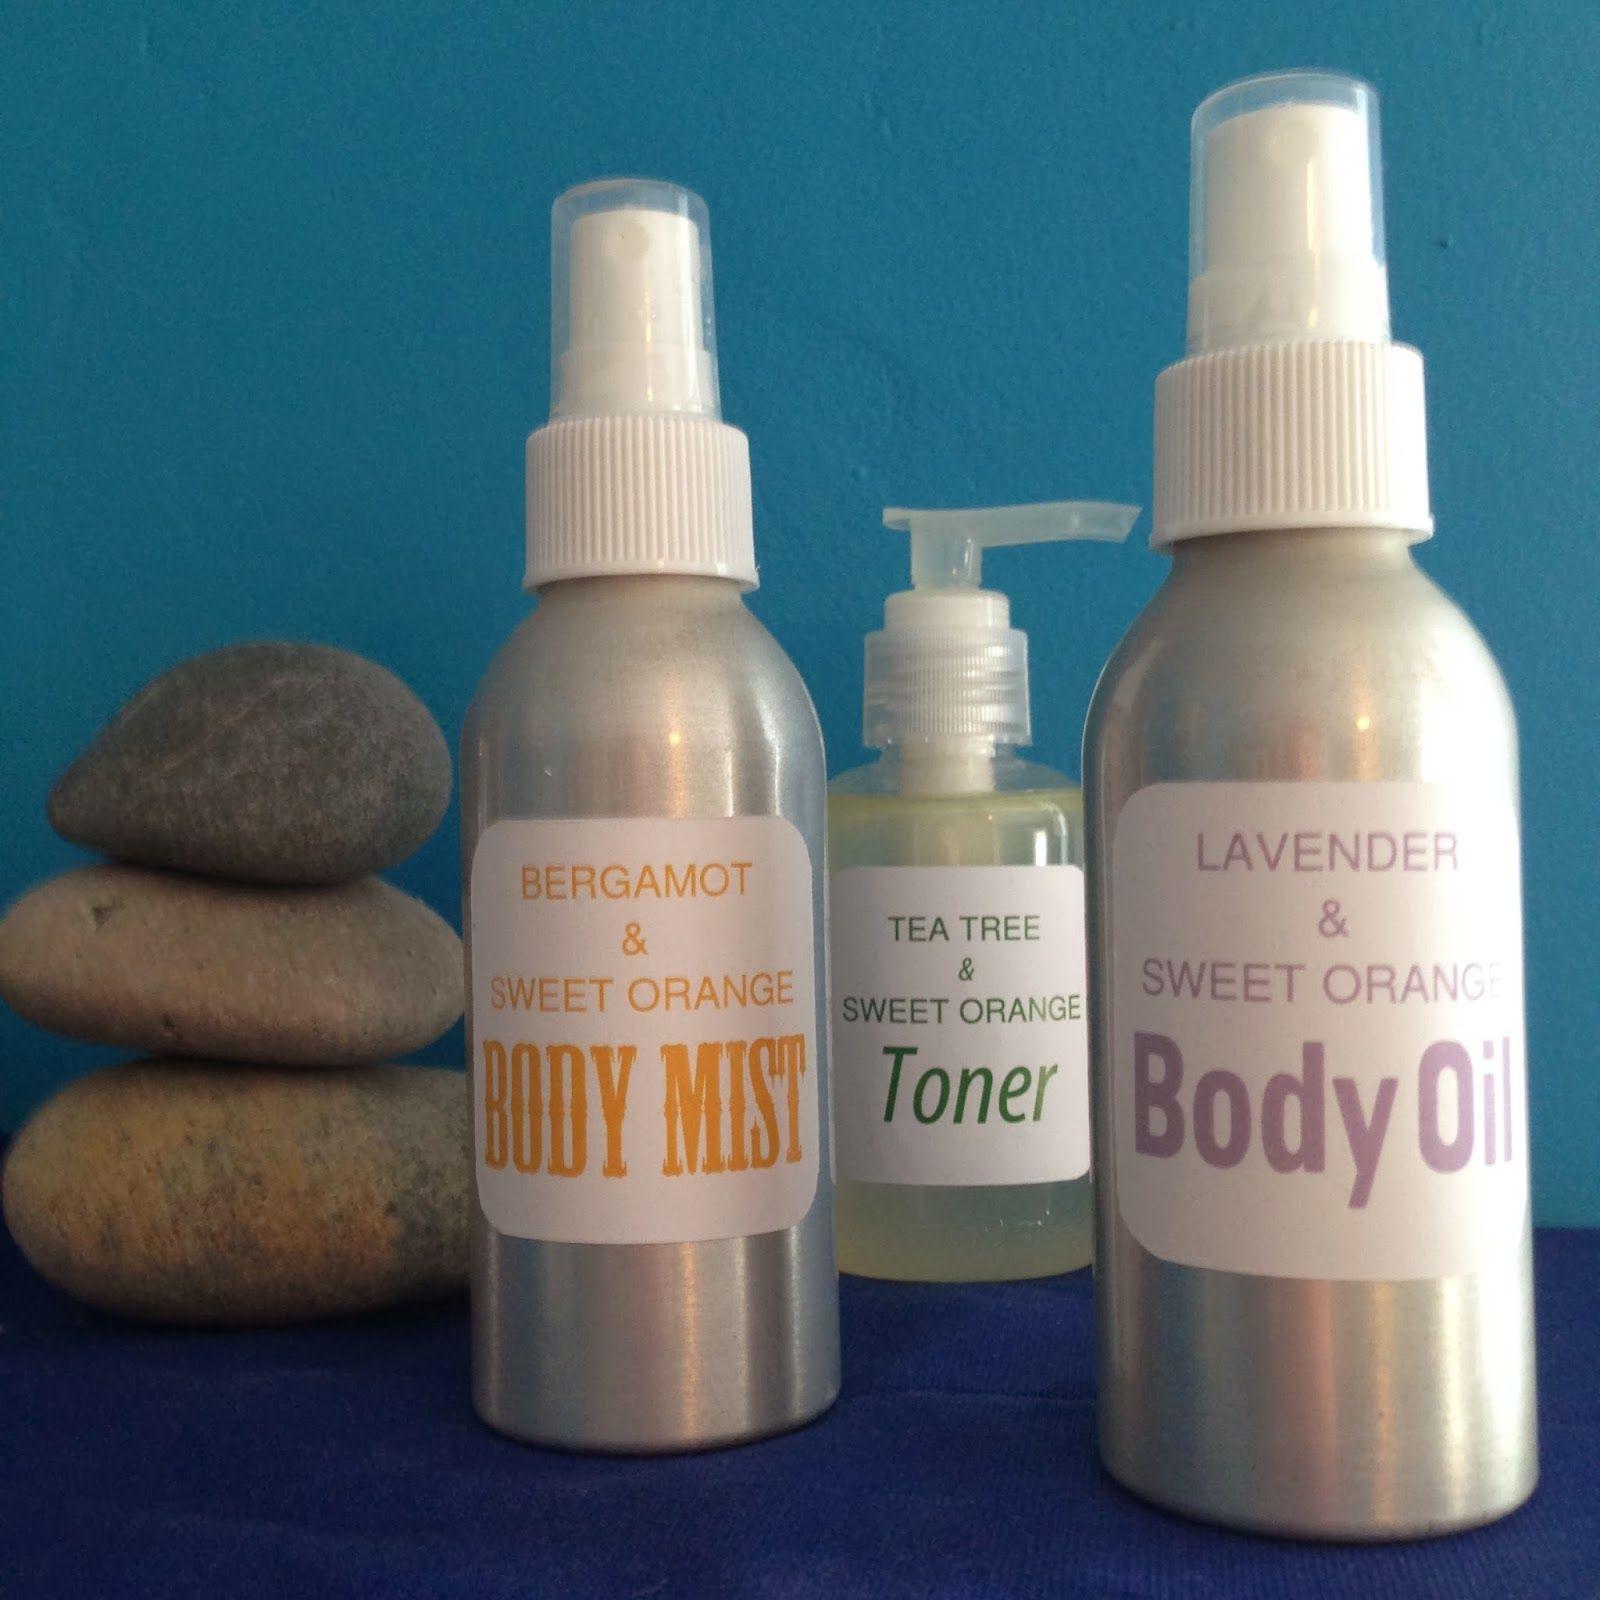 Homemade Body Oil, Body Mist and Toner Body mist, Body